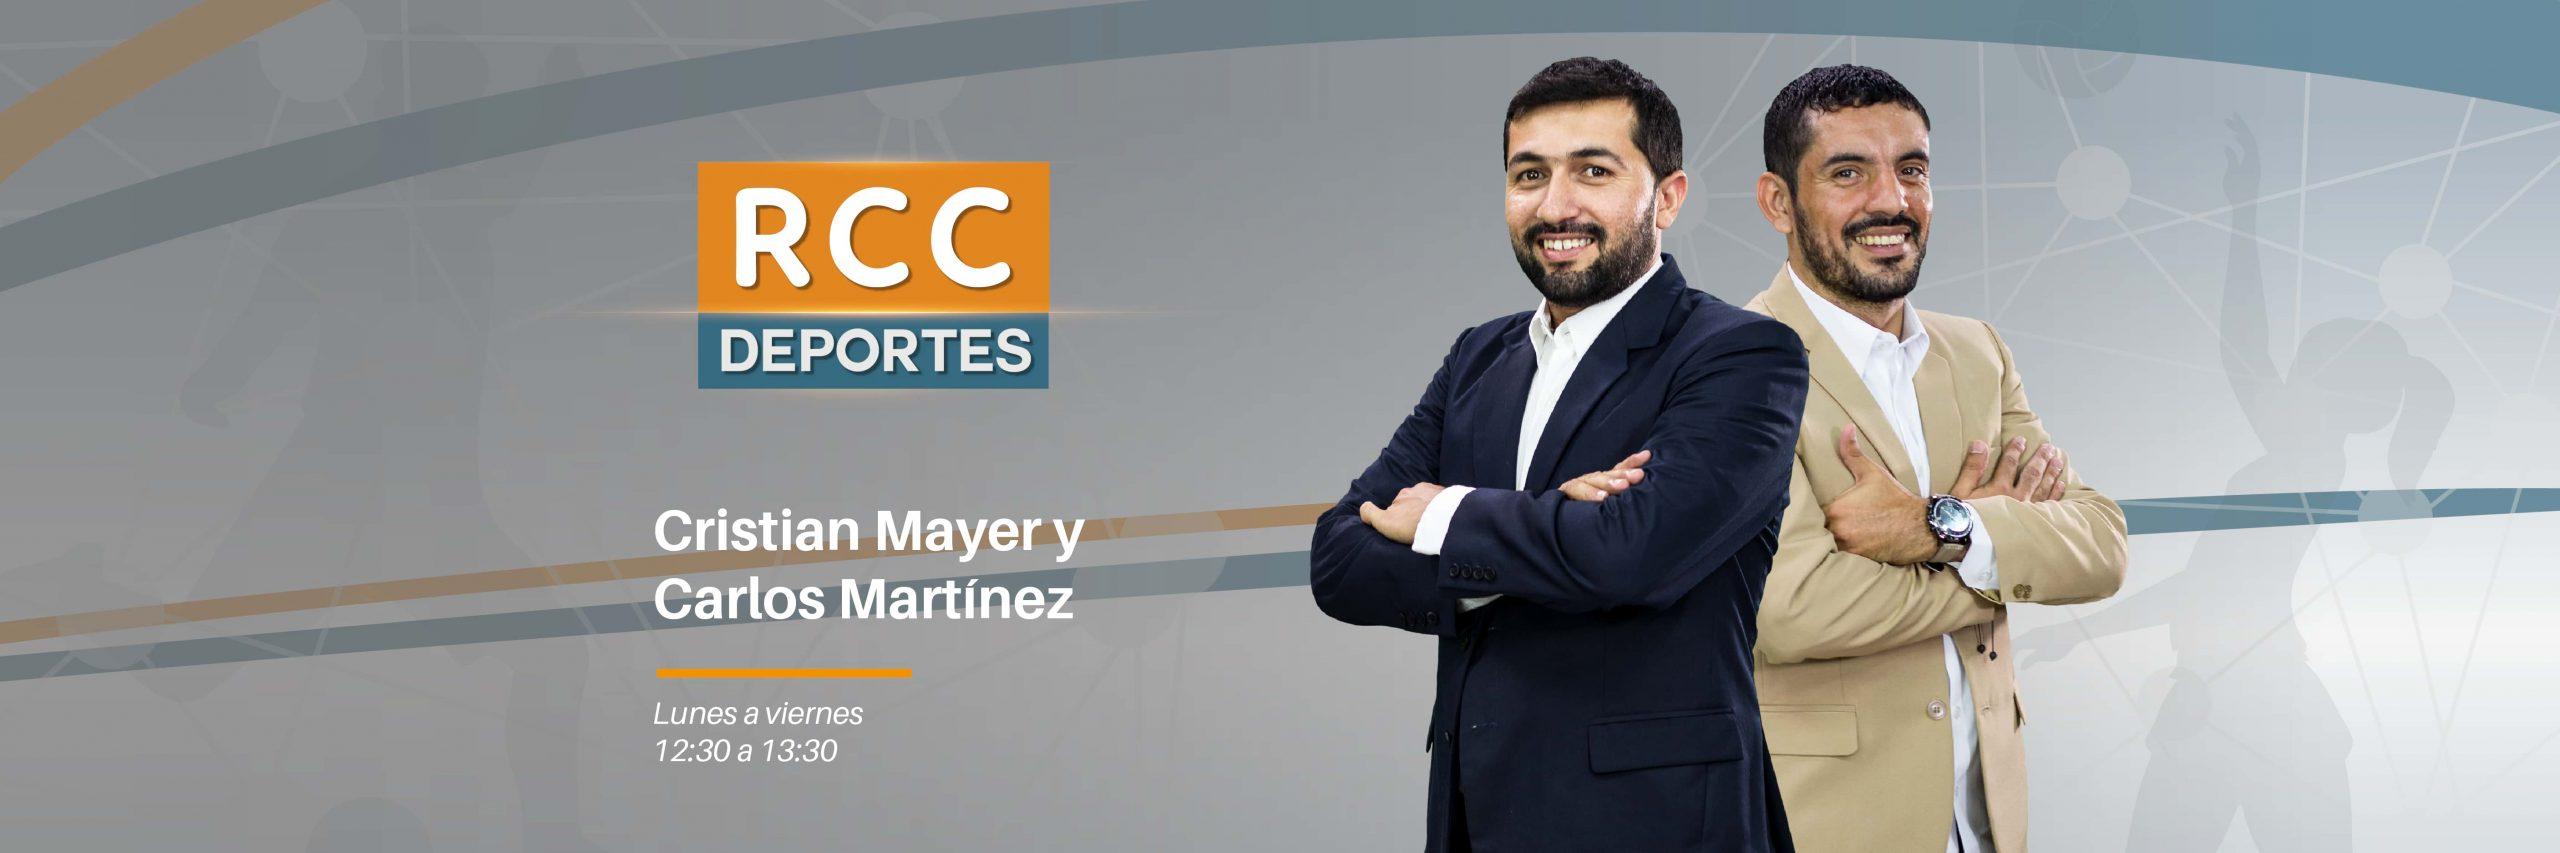 RCCdeportes